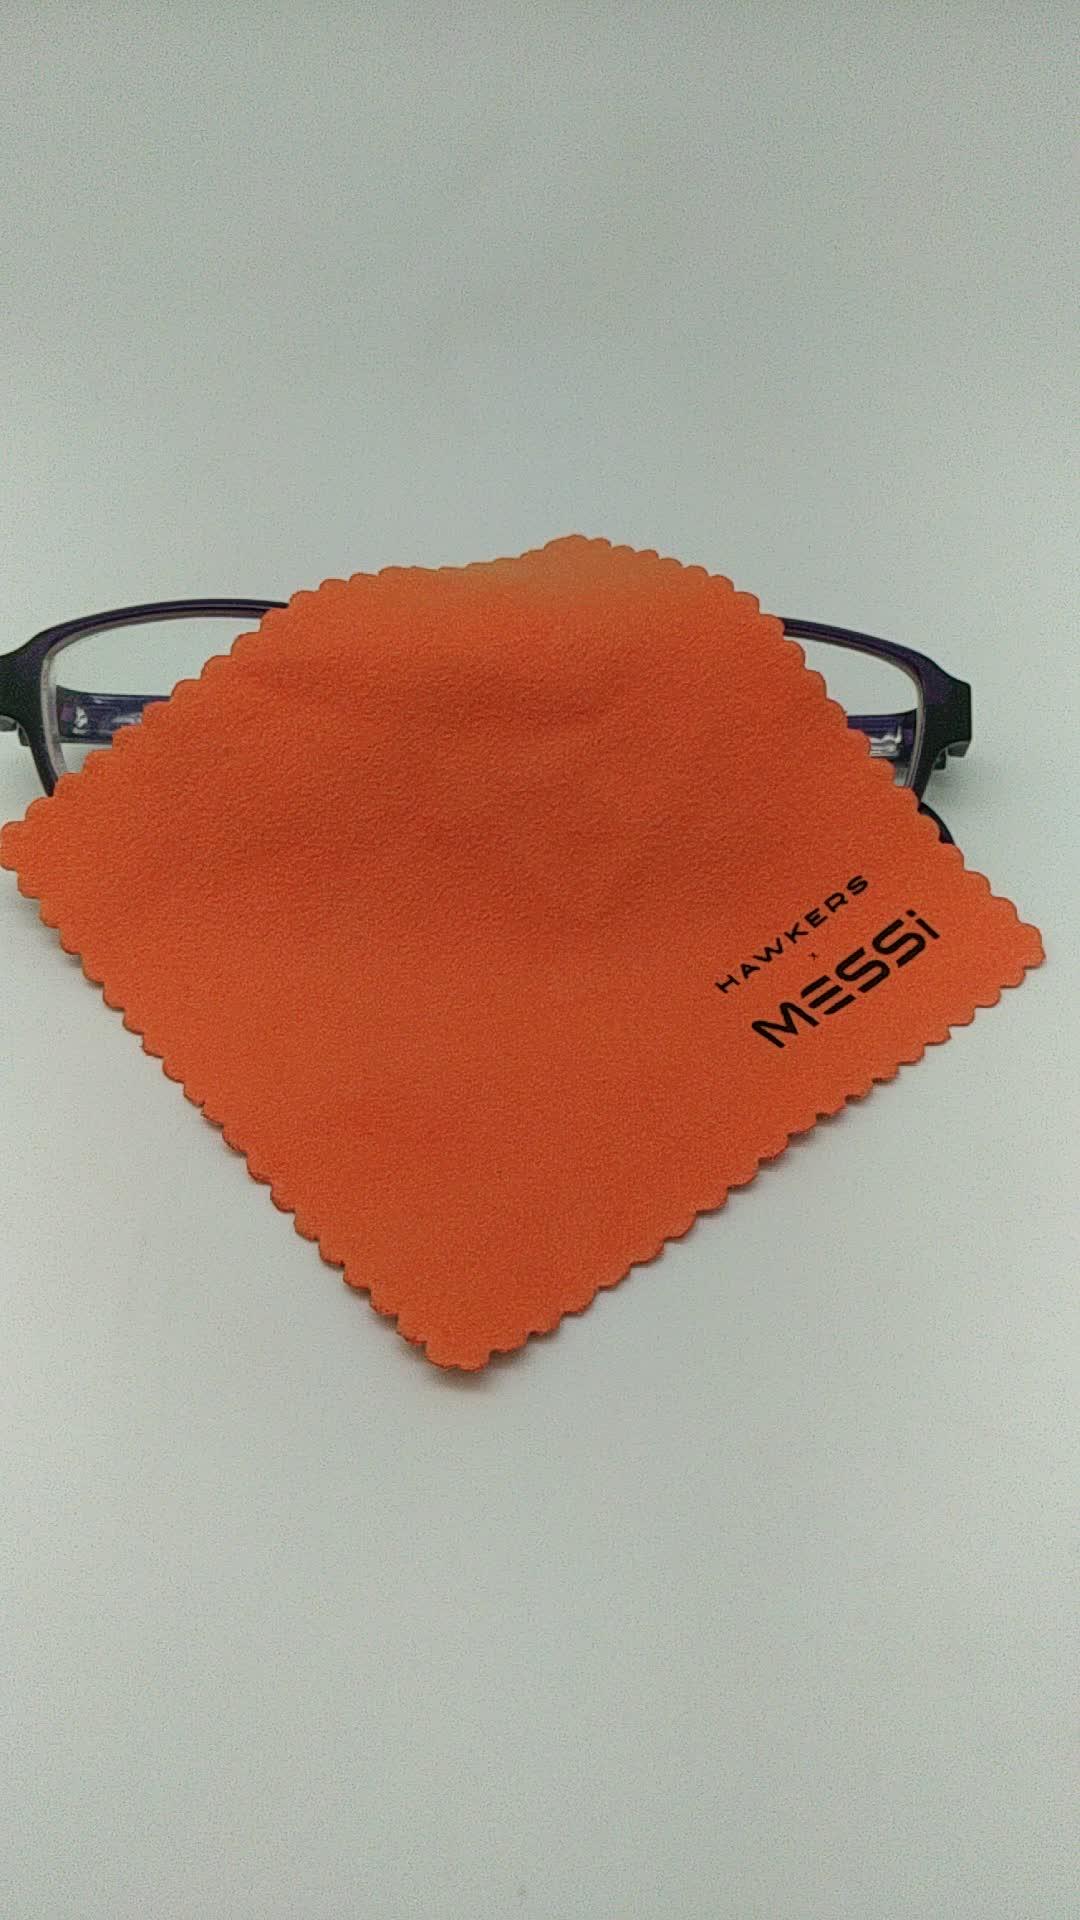 Panno d'argento di lucidatura singapore, soluzione di pulizia delle lenti per occhiali, vetri delle finestre di pulizia in microfibra salviette